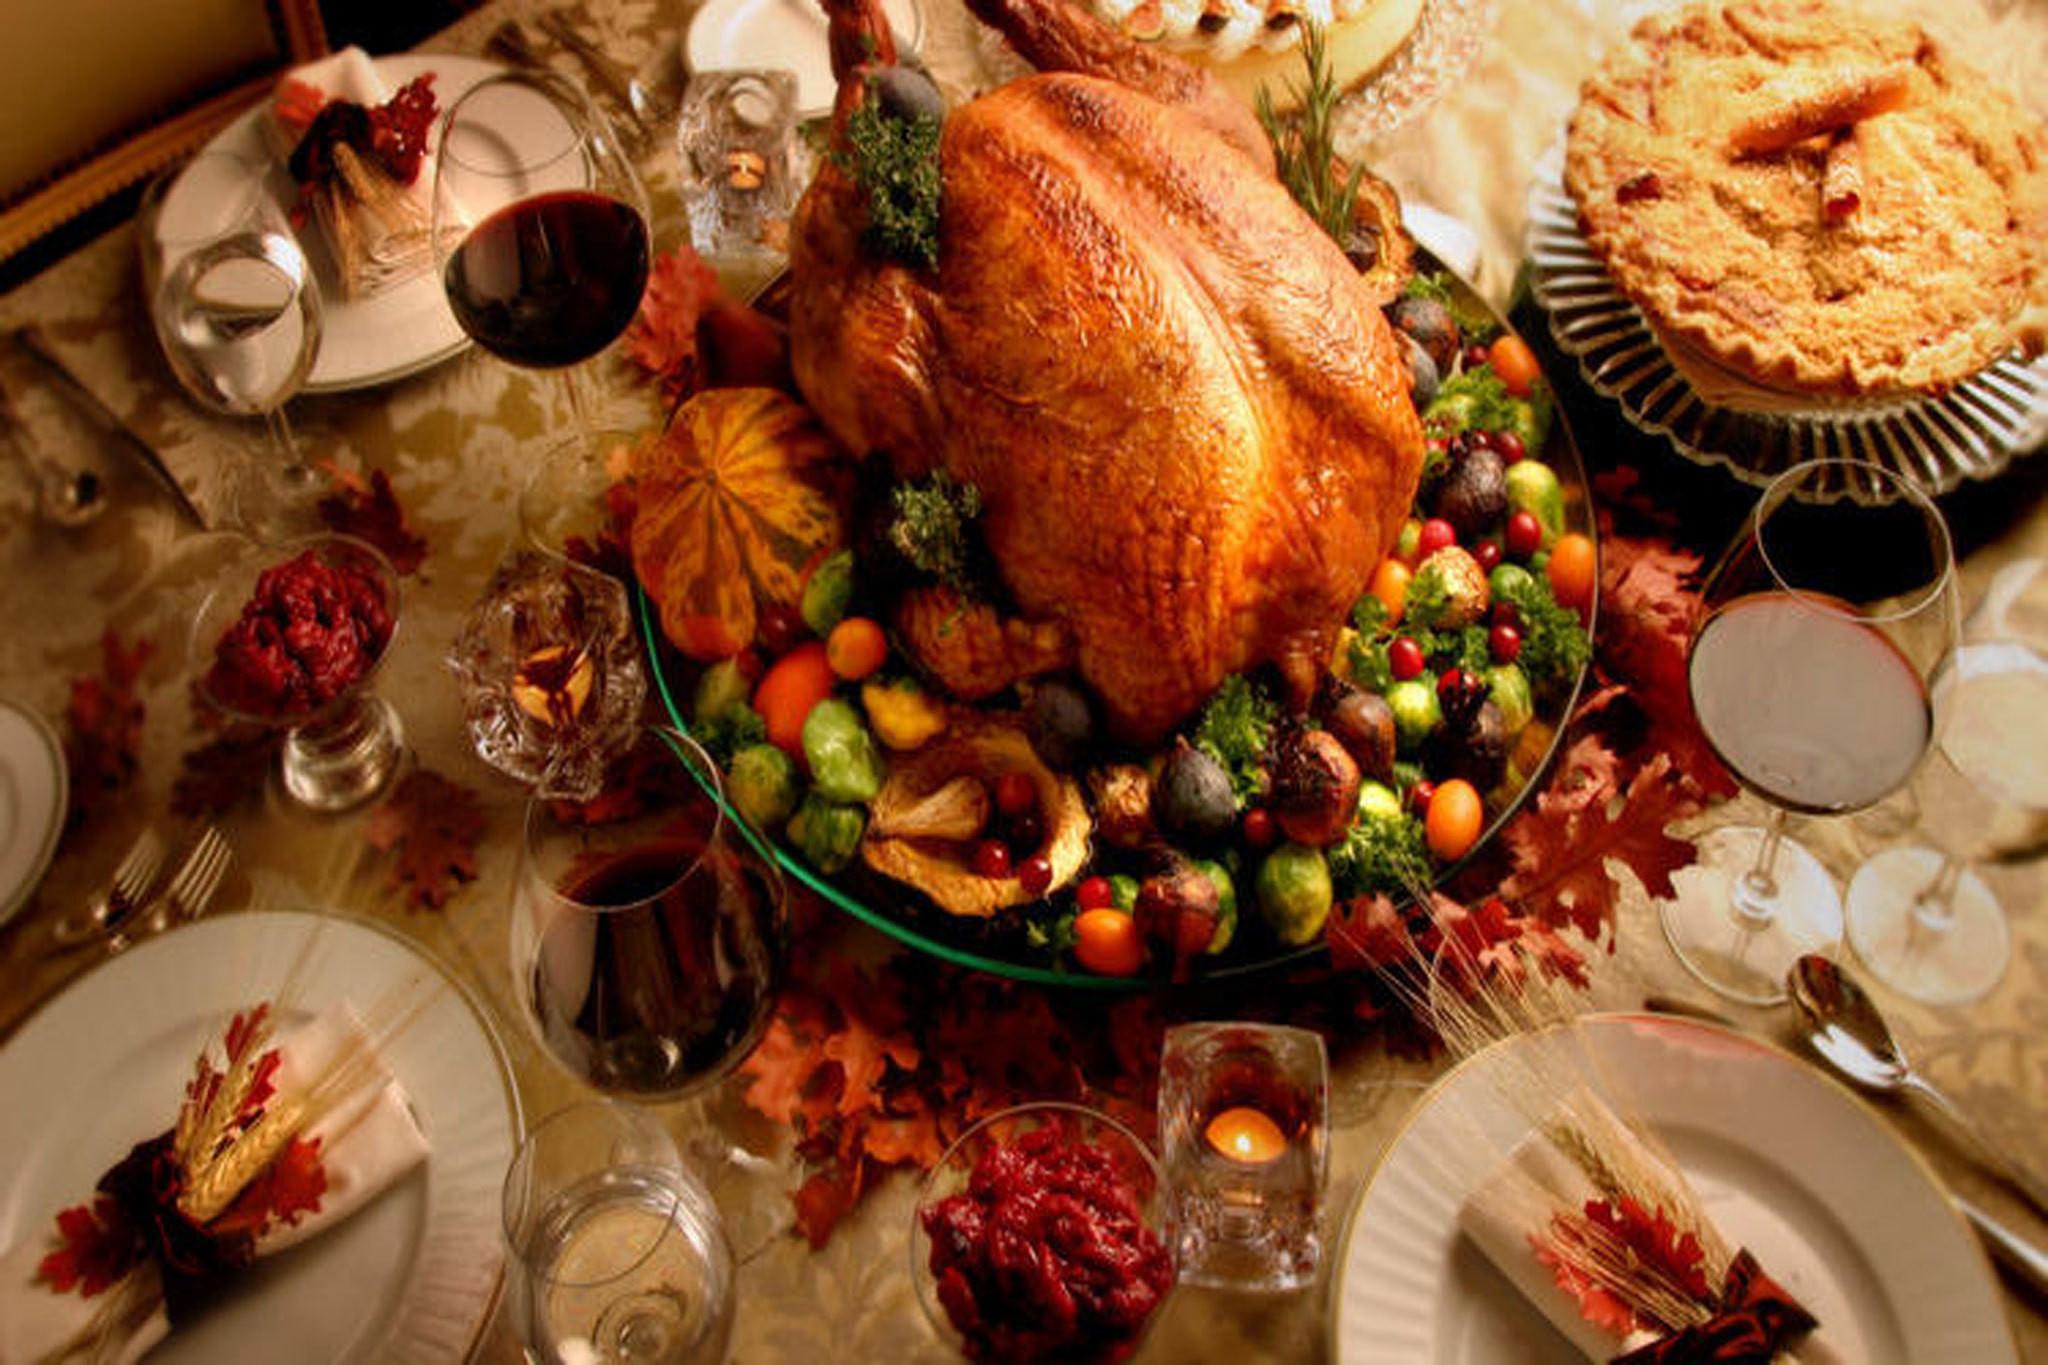 Thanksgiving Dinner Restaurants 2019  Best restaurants for Thanksgiving dinner in Los Angeles